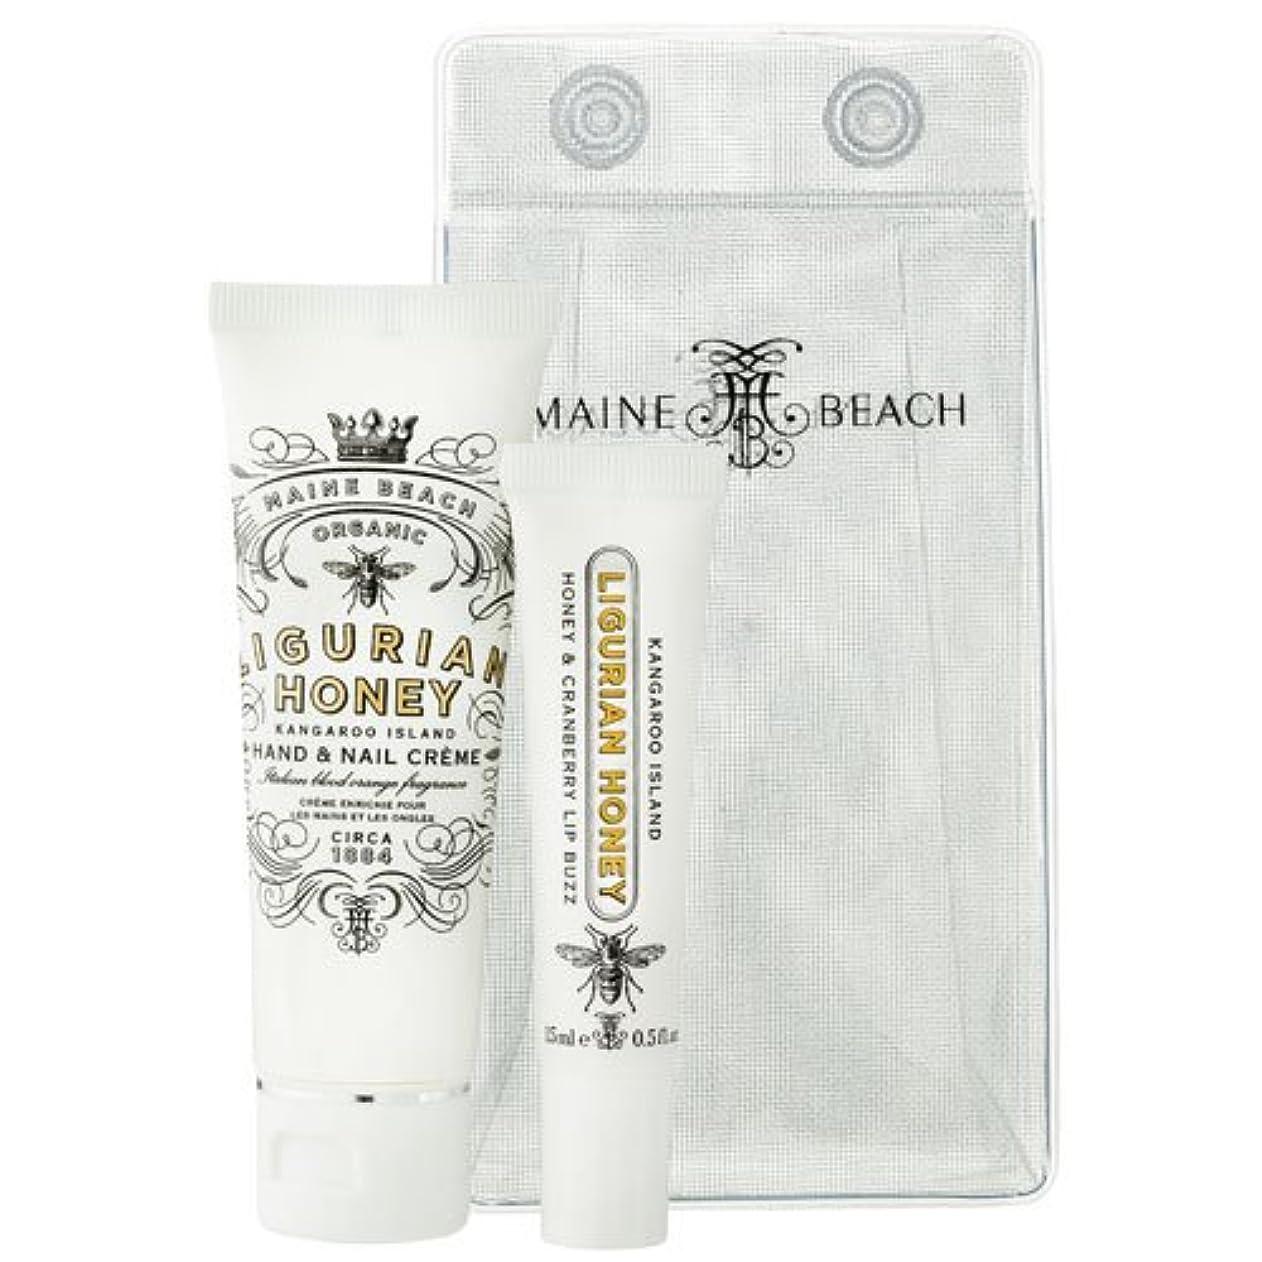 自分の力ですべてをするオークランドオークランドMAINE BEACH マインビーチ リグリアンハニーシリーズ  Essentials DUO Pack エッセンシャル デュオ パック